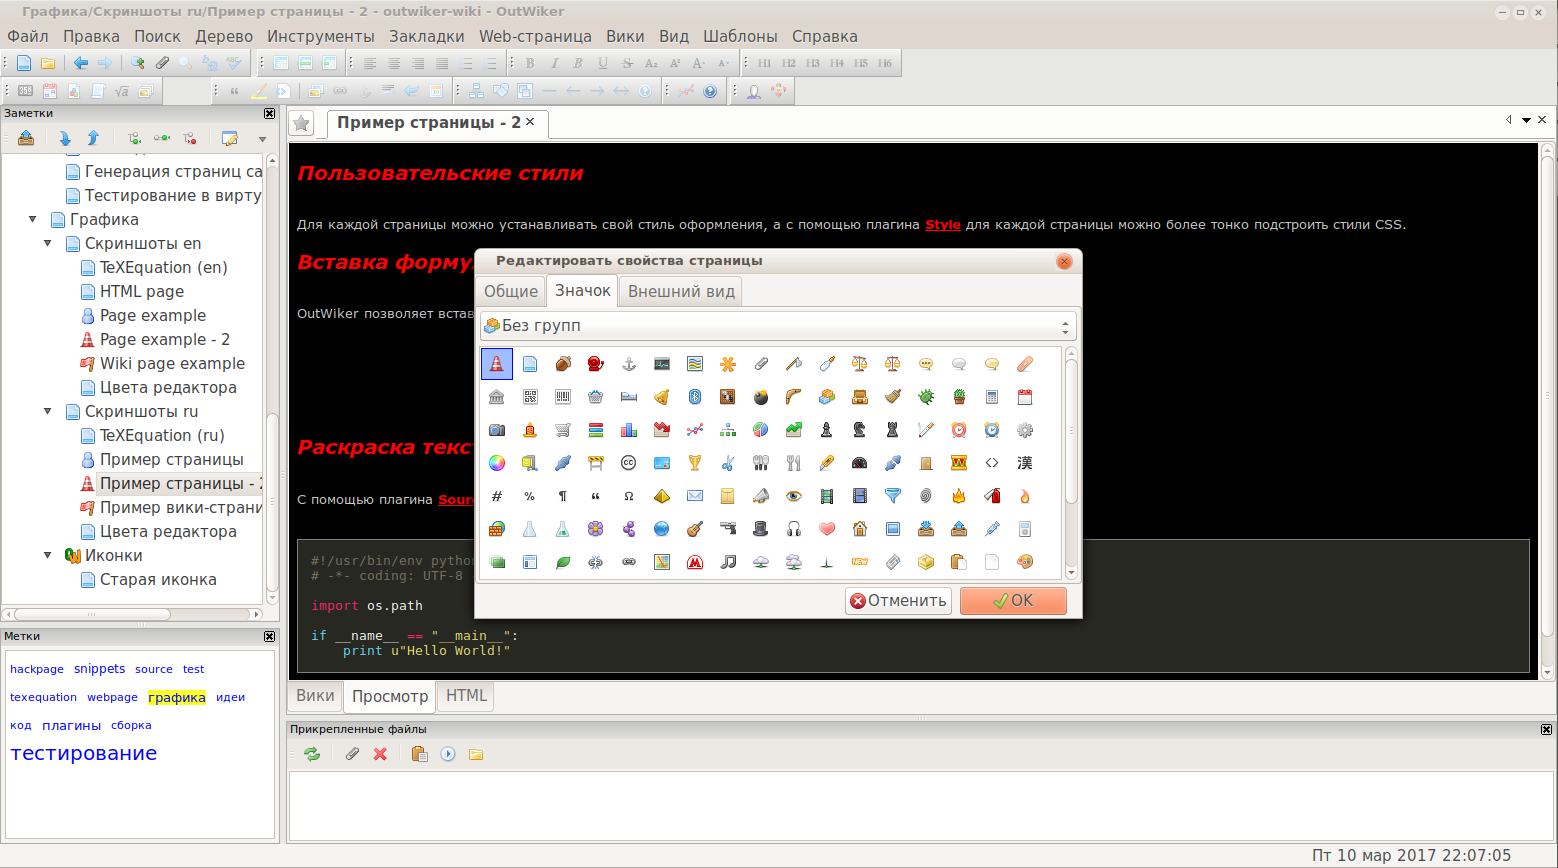 О разработке одного desktop-приложения на Python - 2